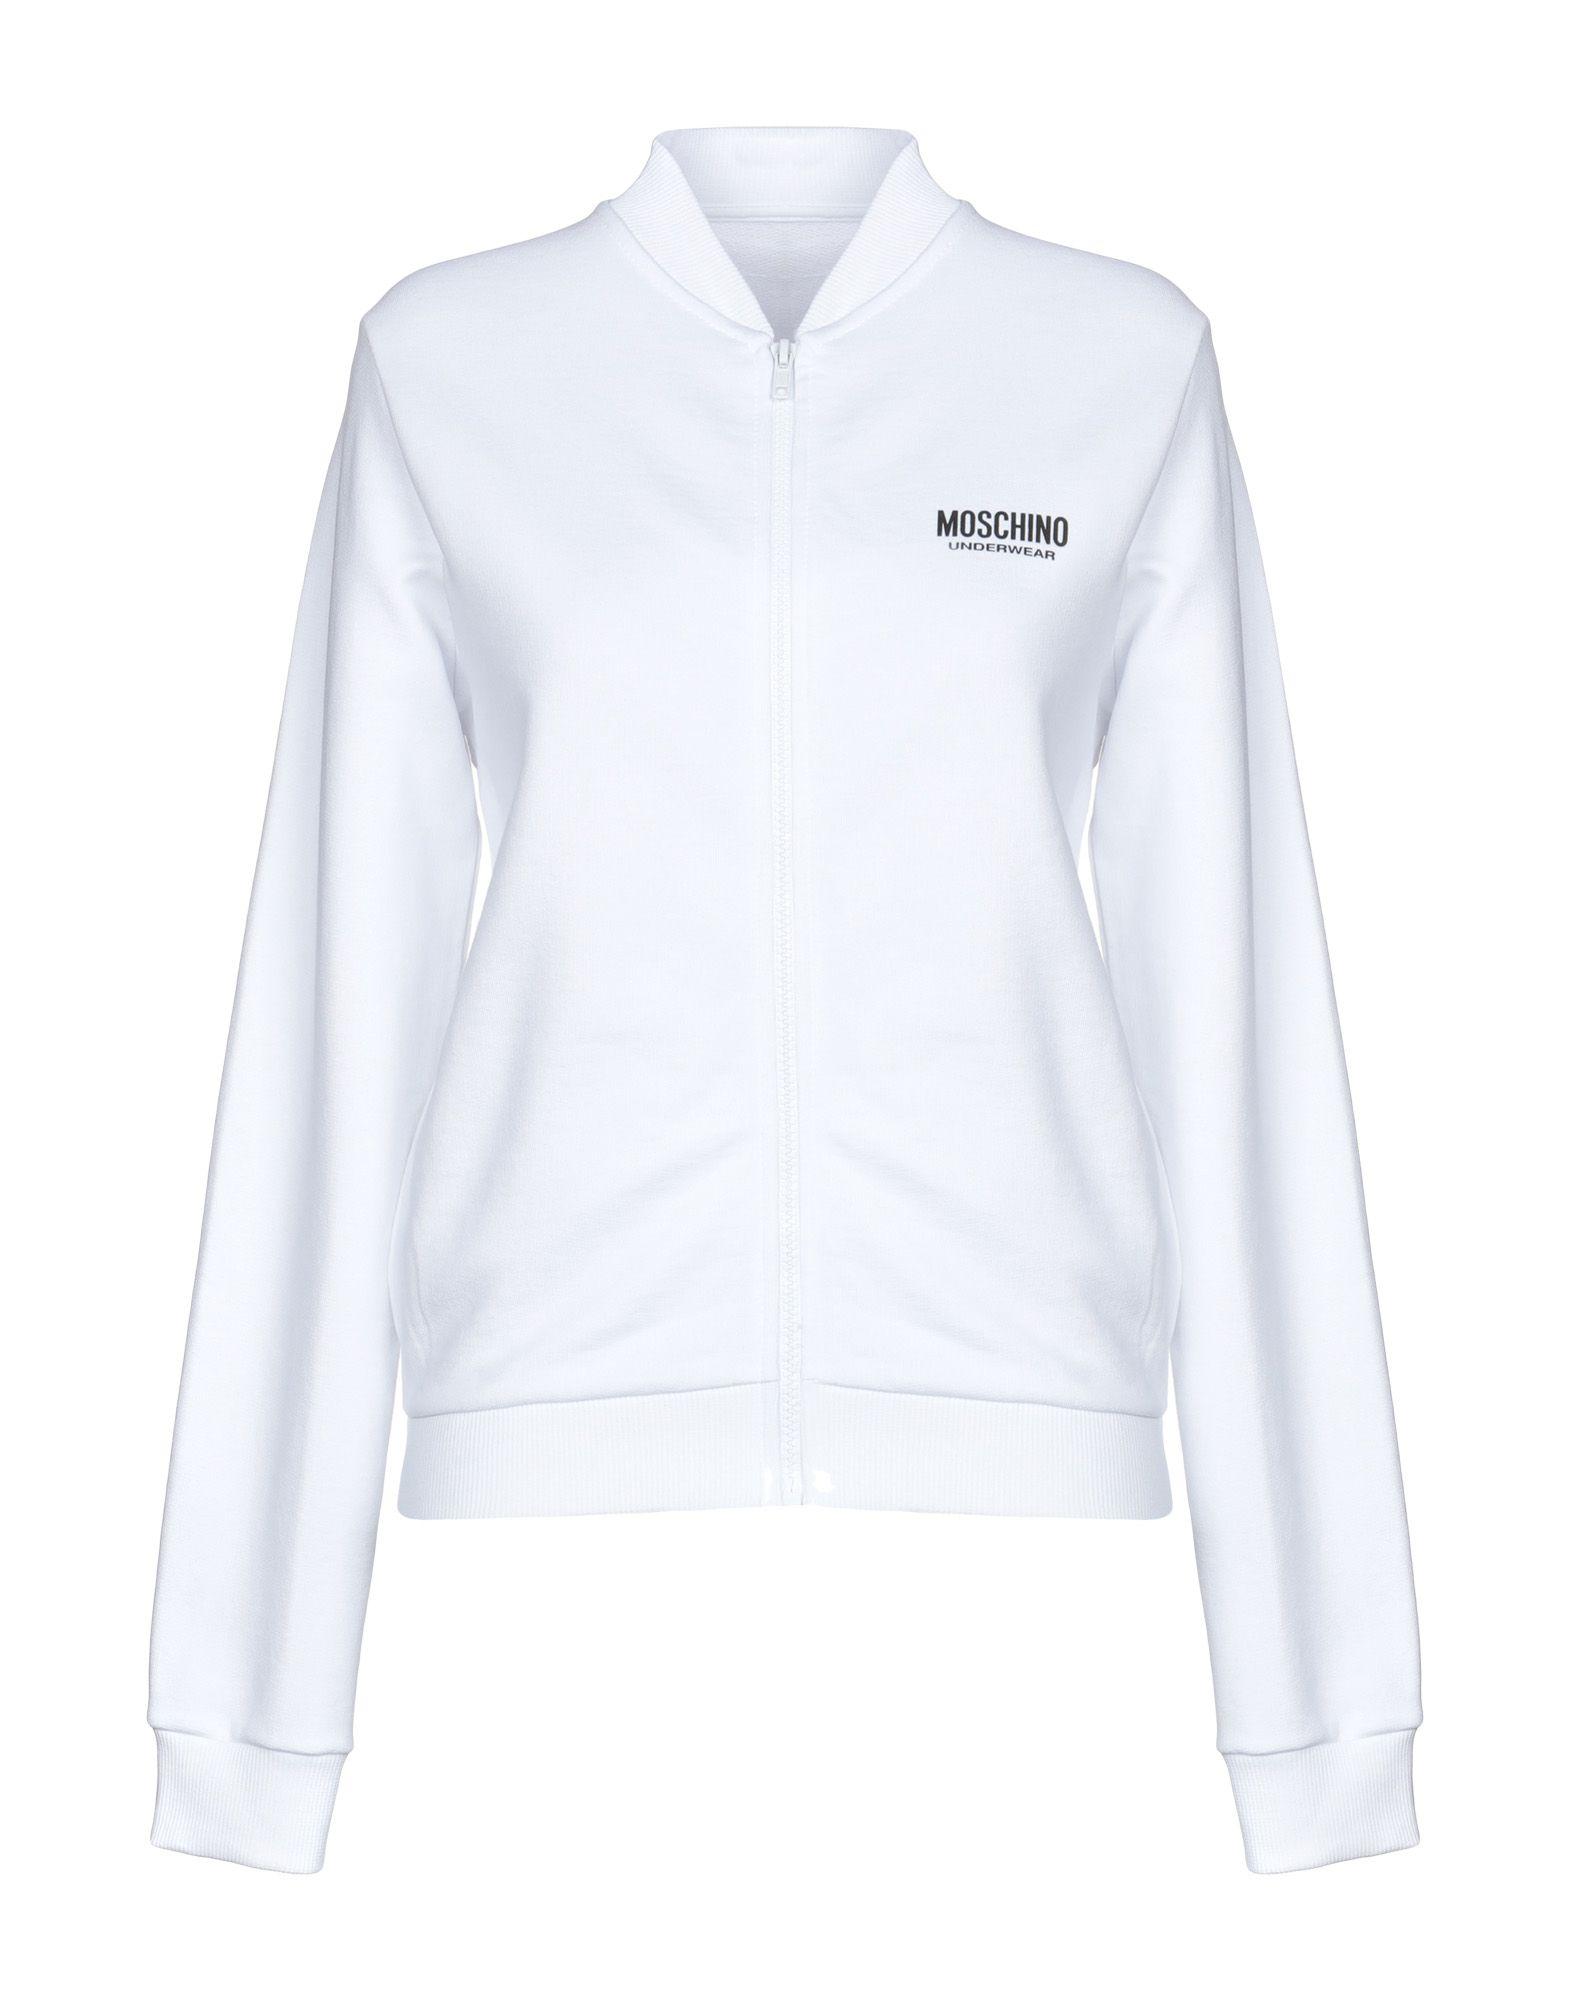 《送料無料》MOSCHINO レディース パジャマ ホワイト XS コットン 100%